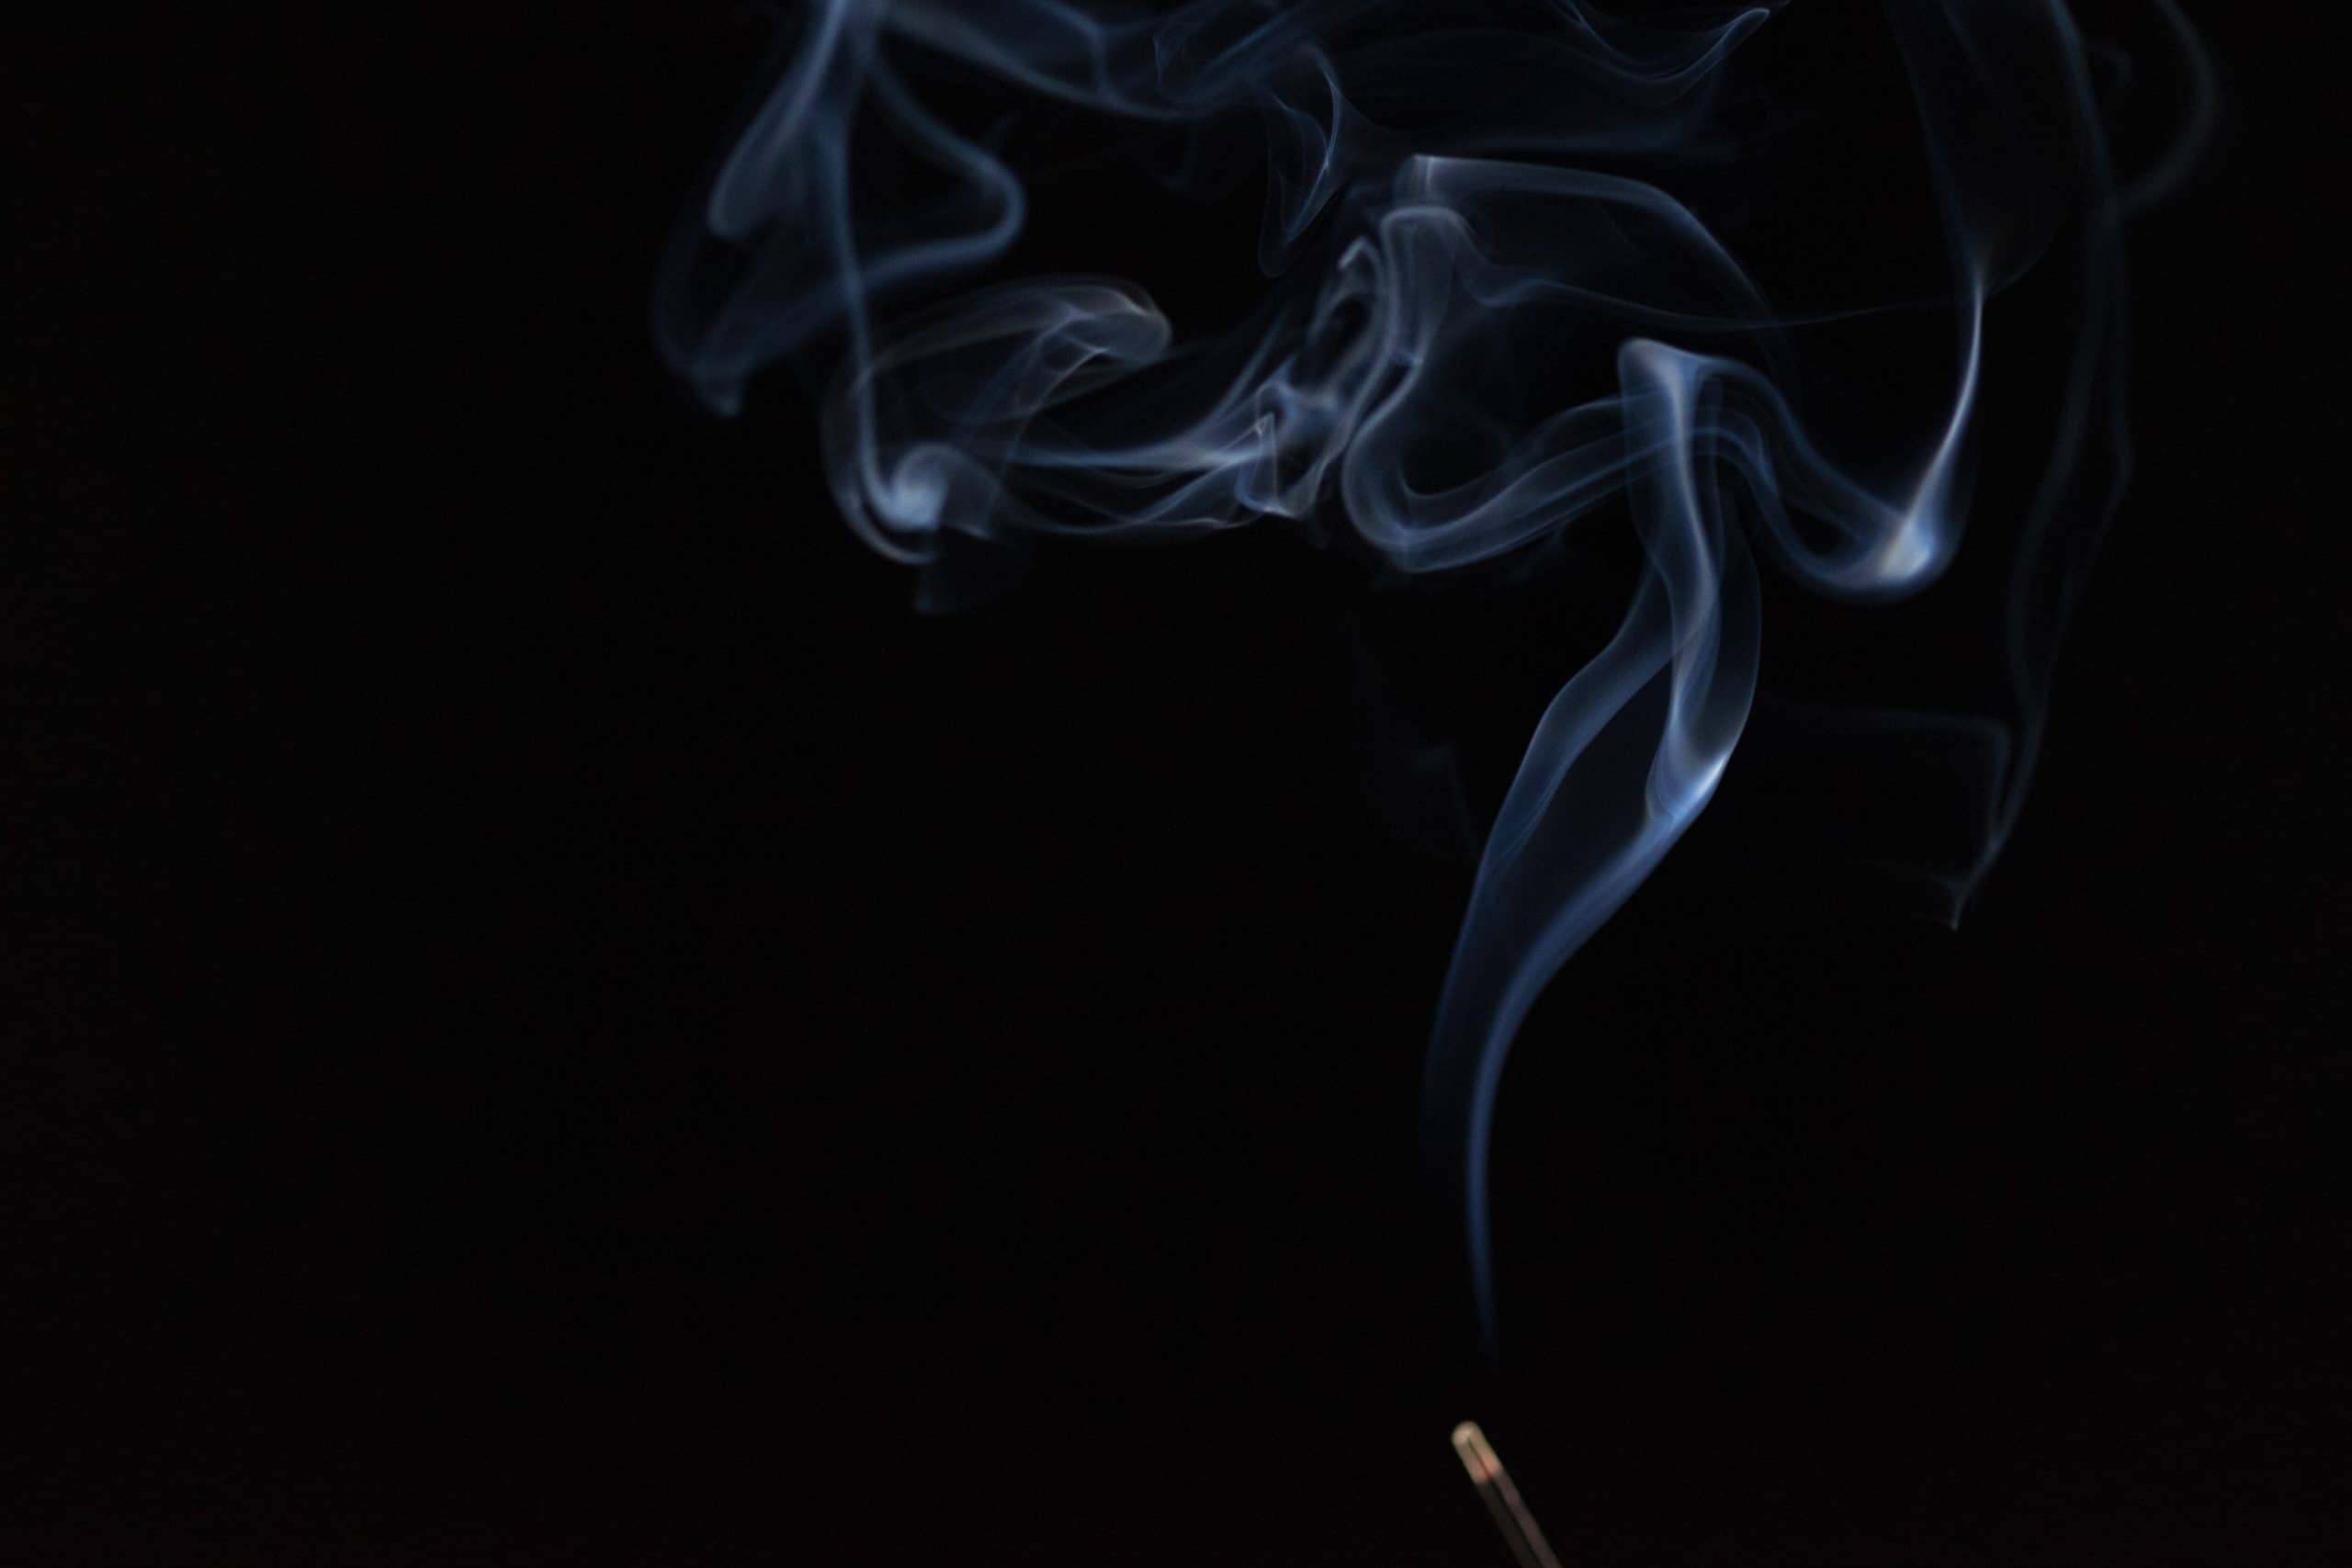 Incenso queimando e saindo fumaça